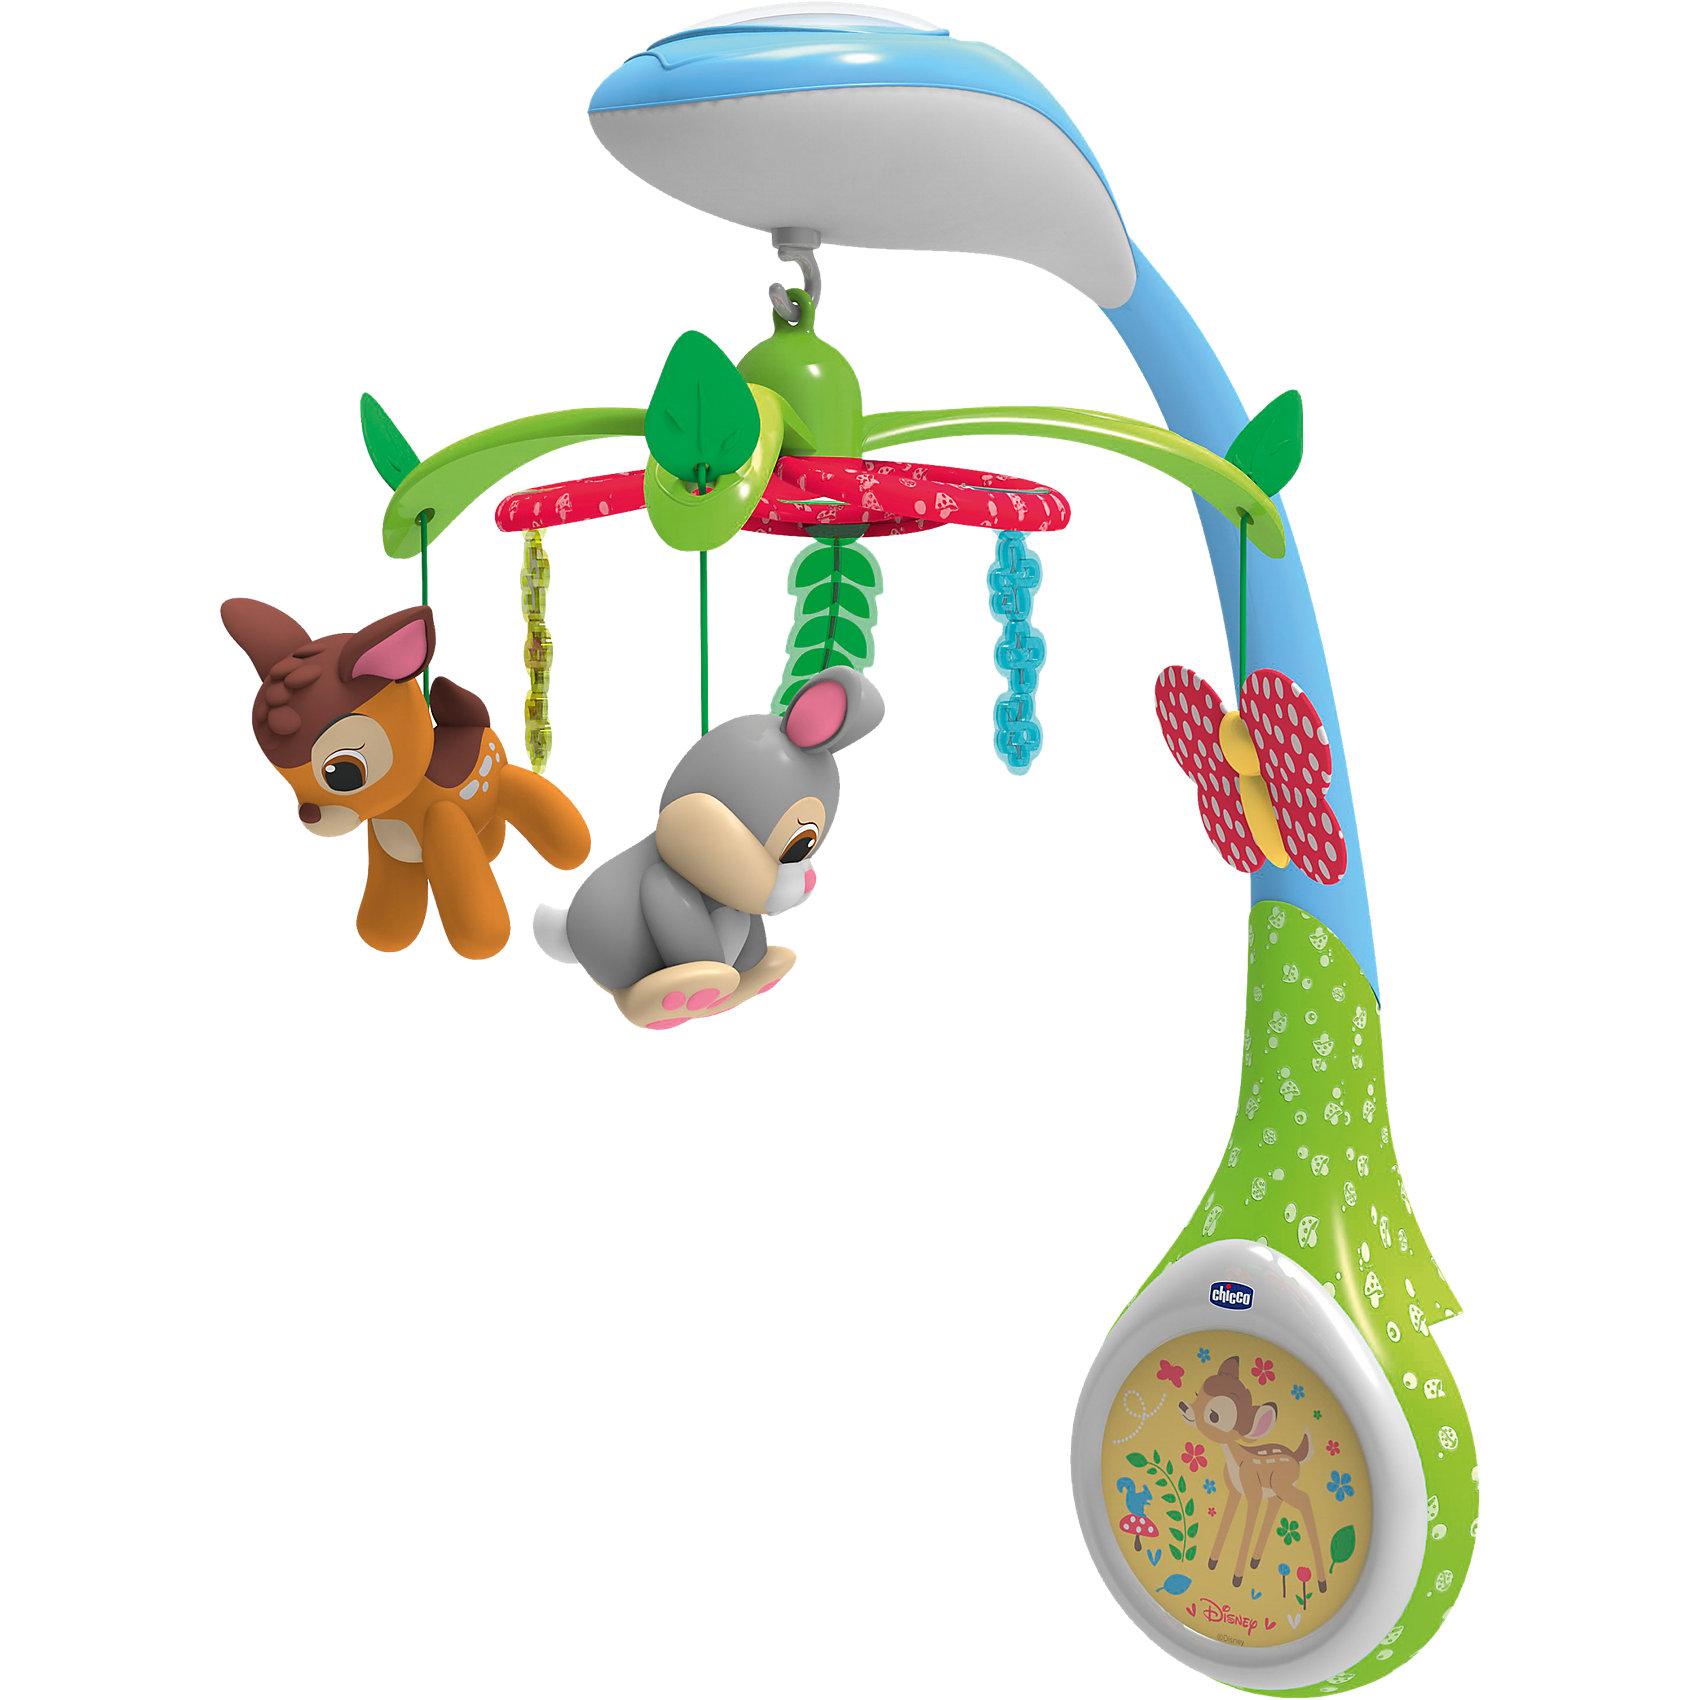 Игрушка-проектор для кроватки Бэмби, Disney, CHICCOМобили<br>Игрушка-проектор для кроватки Бэмби, Disney, CHICCO (ЧИКО) – порадует вашего малыша и создаст волшебную атмосферу во время сна.<br>Игрушка-проектор «Бэмби» от Chicco (Чико) имеет три волшебных функции, которые вы можете включать как по отдельности, так и выбрать нужную вам комбинацию в зависимости от того, что больше понравится вашему малышу. Функция проекция: на потолок проецируются фигурки персонажей из Бэмби - олененок, бабочки, птички и цветы. Проекция может быть в трех различных цветах - нежно-зеленый, мягкий желтый и светло-голубой. Цвет меняется автоматически, но вы также и сами можете выбрать понравившийся режим. Функция музыка: 7 видов нежных и красивейших мелодий, мягких и расслабляющих звуков, которые длятся до 15 минут. Музыка нежно окутает вашего малыша и создает в комнате атмосферу волшебства, спокойствия и уюта. Функция вращение: 3 подвески-игрушки из ткани, изображающие милых персонажей сказки про Бэмби, вращаются над кроваткой малыша. Игрушка-проектор «Бэмби» от Chicco (Чико) легко крепится на кроватке.<br><br>Дополнительная информация:<br><br>- Мелодии: 2 стиля музыки и звуки природы<br>- Материал: пластик, текстиль<br>- Батарейки: 3 типа АА (не входят в комплект)<br>- Размер упаковки: 20,9 х 27,7 х 18,8 см.<br>- Вес: 1,4 кг.<br><br>Игрушку-проектор для кроватки Бэмби, Disney, CHICCO (ЧИКО) можно купить в нашем интернет-магазине.<br><br>Ширина мм: 404<br>Глубина мм: 309<br>Высота мм: 129<br>Вес г: 1301<br>Возраст от месяцев: 0<br>Возраст до месяцев: 24<br>Пол: Унисекс<br>Возраст: Детский<br>SKU: 3943215